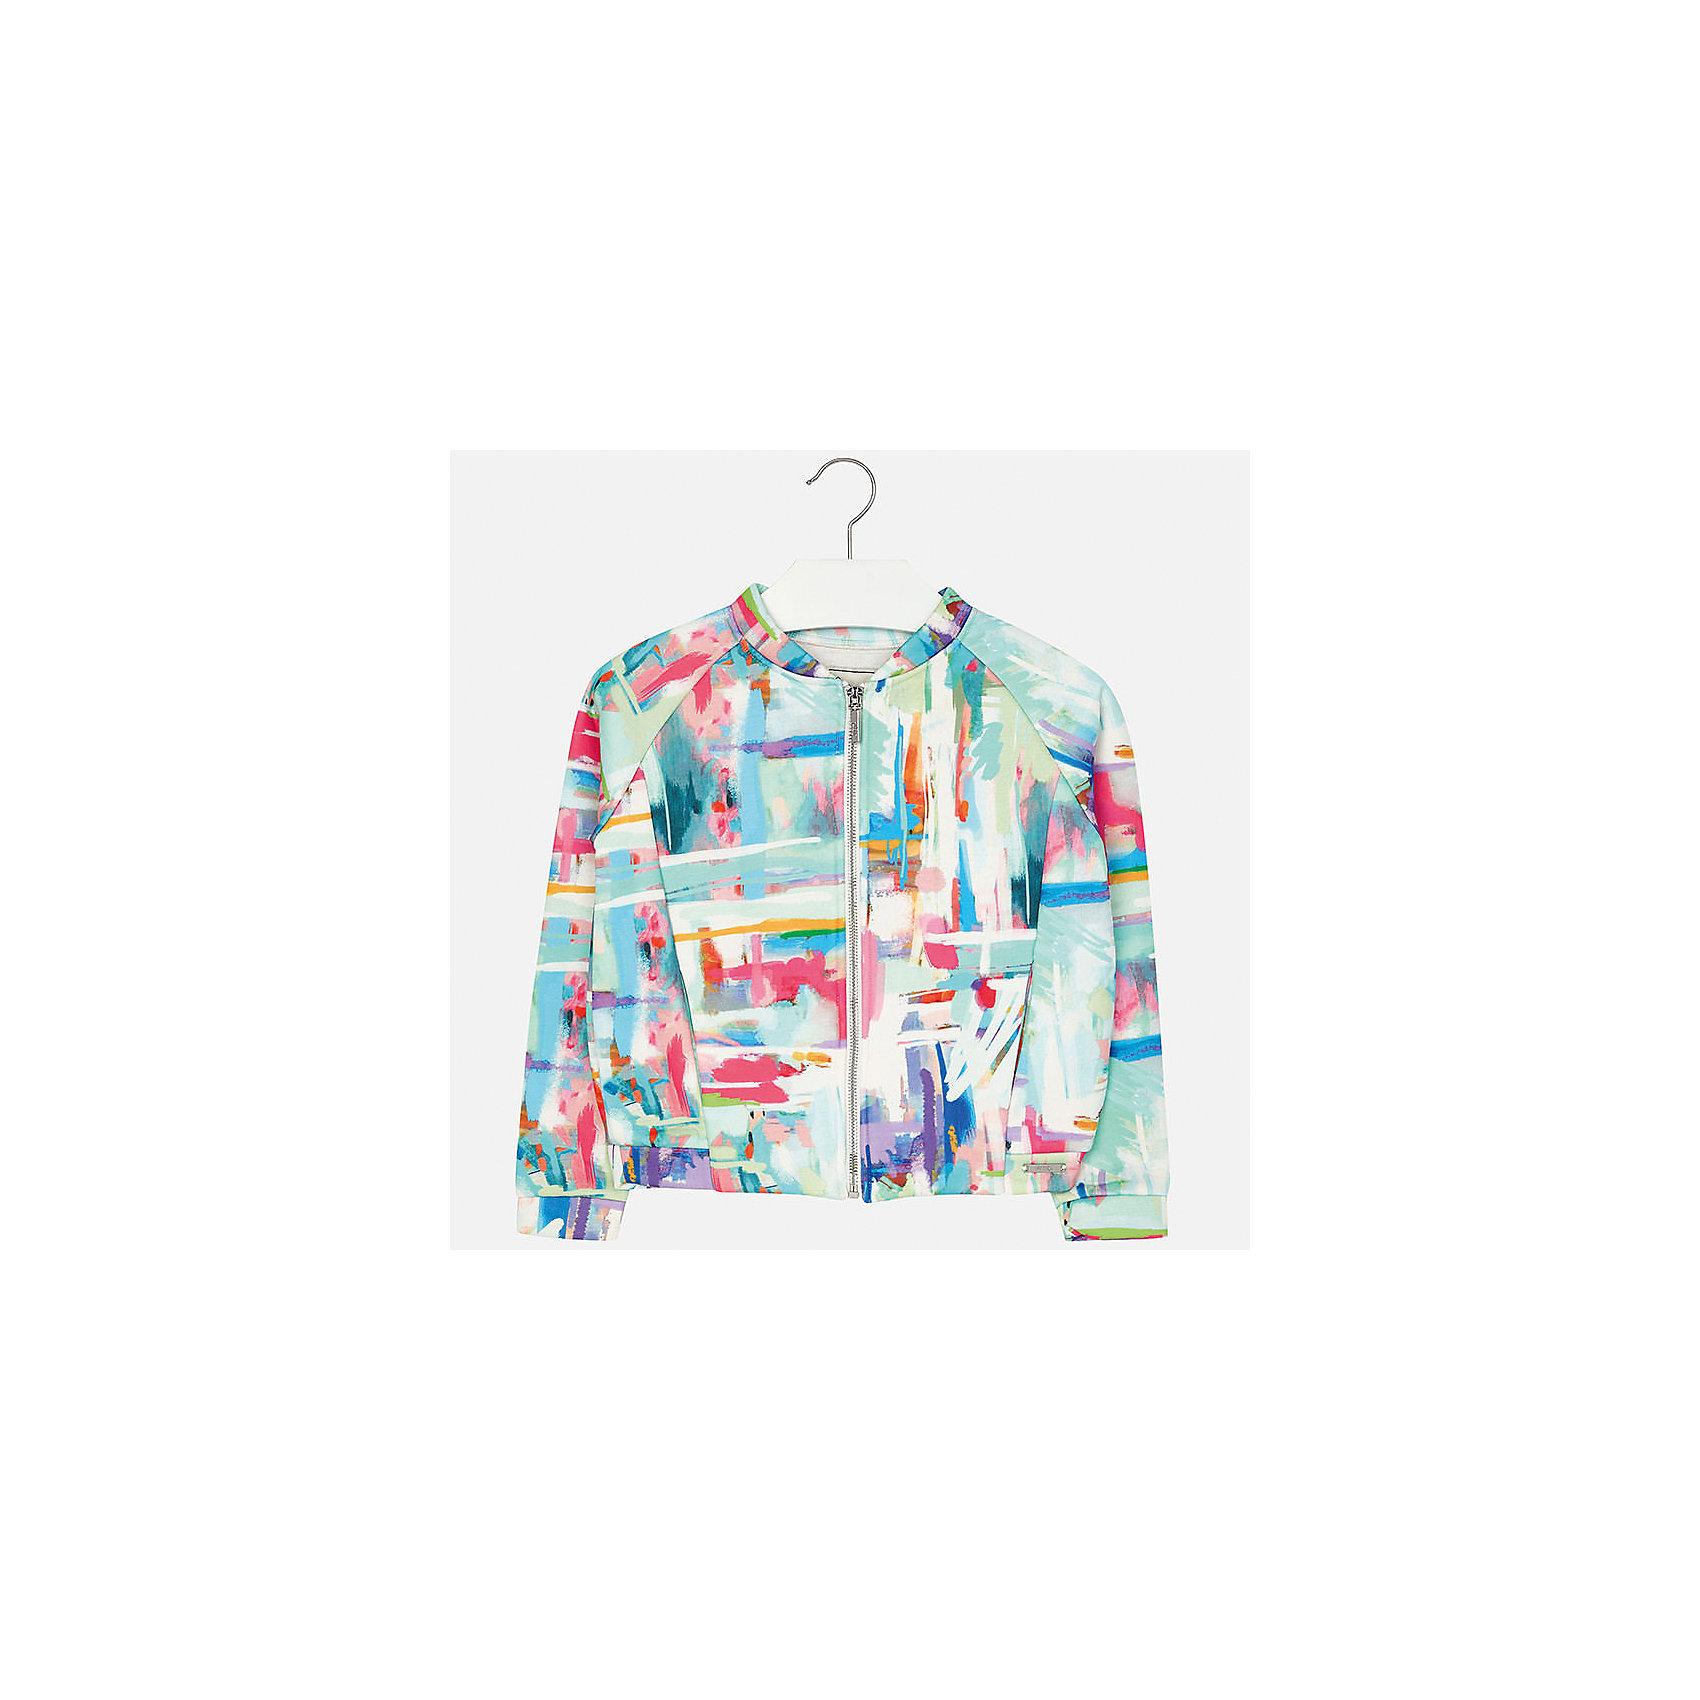 Куртка для девочки MayoralСицилия<br>Характеристики товара:<br><br>• цвет: мультиколор<br>• состав: 100% полиэстер, подкладка - 100% вискоза<br>• молния<br>• рукава реглан<br>• карманы<br>• длинные рукава<br>• страна бренда: Испания<br><br>Модная куртка для девочки поможет разнообразить гардероб ребенка и украсить наряд. Он отлично сочетается и с юбками, и с брюками. Универсальный цвет позволяет подобрать к вещи низ различных расцветок. Интересная отделка модели делает её нарядной и оригинальной.<br><br>Одежда, обувь и аксессуары от испанского бренда Mayoral полюбились детям и взрослым по всему миру. Модели этой марки - стильные и удобные. Для их производства используются только безопасные, качественные материалы и фурнитура. Порадуйте ребенка модными и красивыми вещами от Mayoral! <br><br>Куртку для девочки от испанского бренда Mayoral (Майорал) можно купить в нашем интернет-магазине.<br><br>Ширина мм: 356<br>Глубина мм: 10<br>Высота мм: 245<br>Вес г: 519<br>Цвет: разноцветный<br>Возраст от месяцев: 156<br>Возраст до месяцев: 168<br>Пол: Женский<br>Возраст: Детский<br>Размер: 164,170,128/134,140,152,158<br>SKU: 5292924